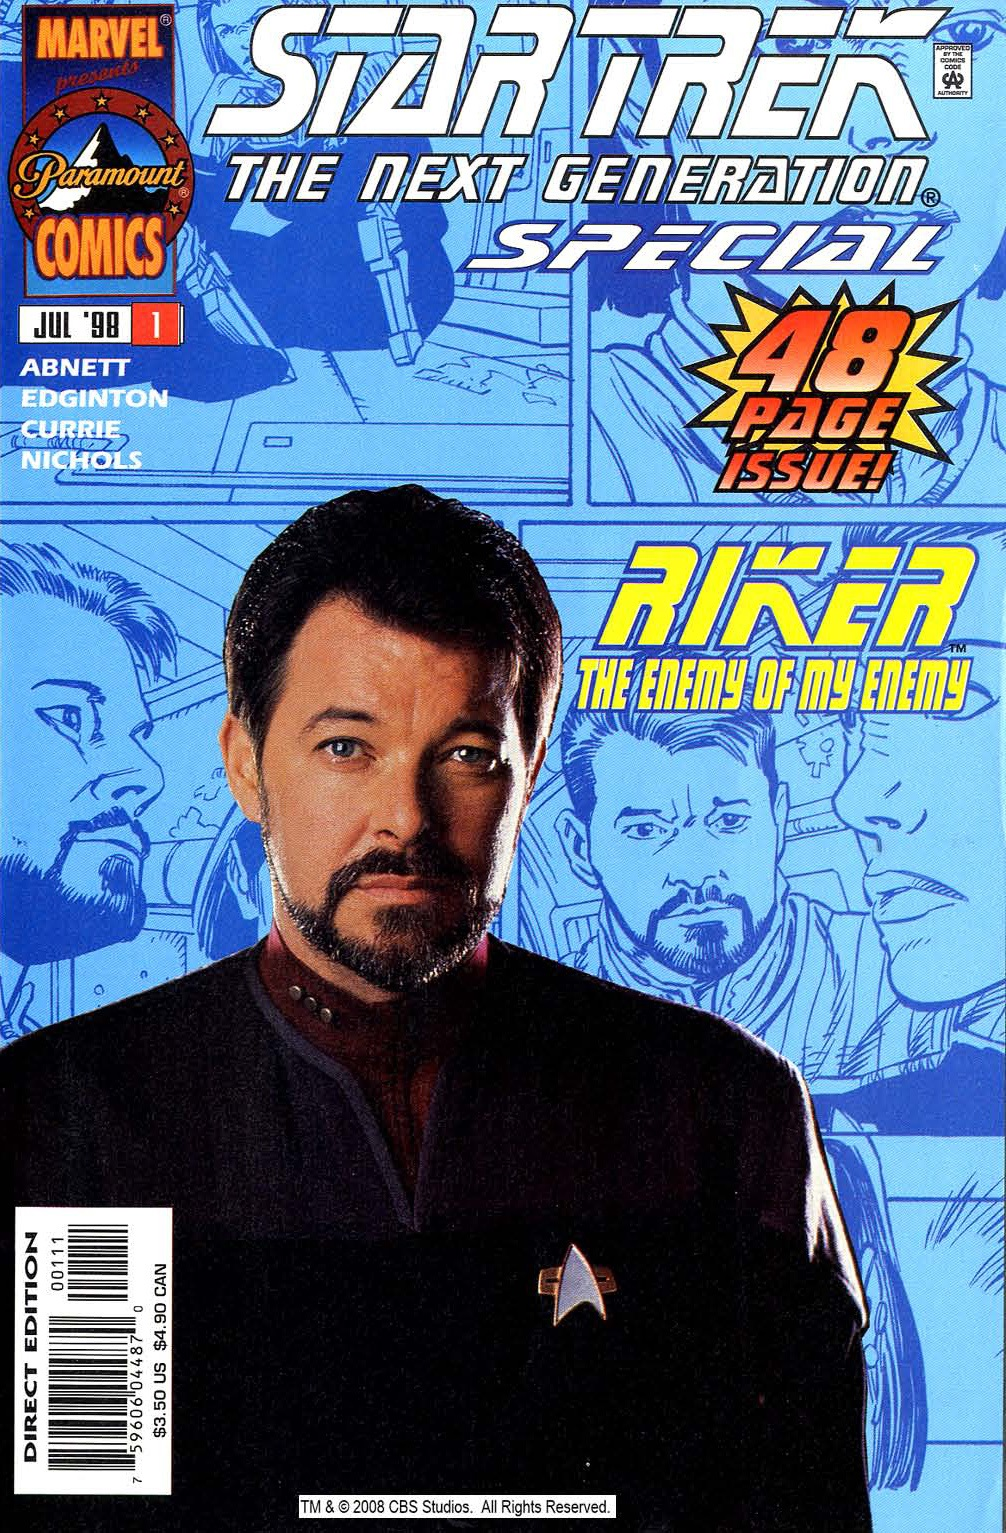 File:Riker - The enemy of my enemy.jpg